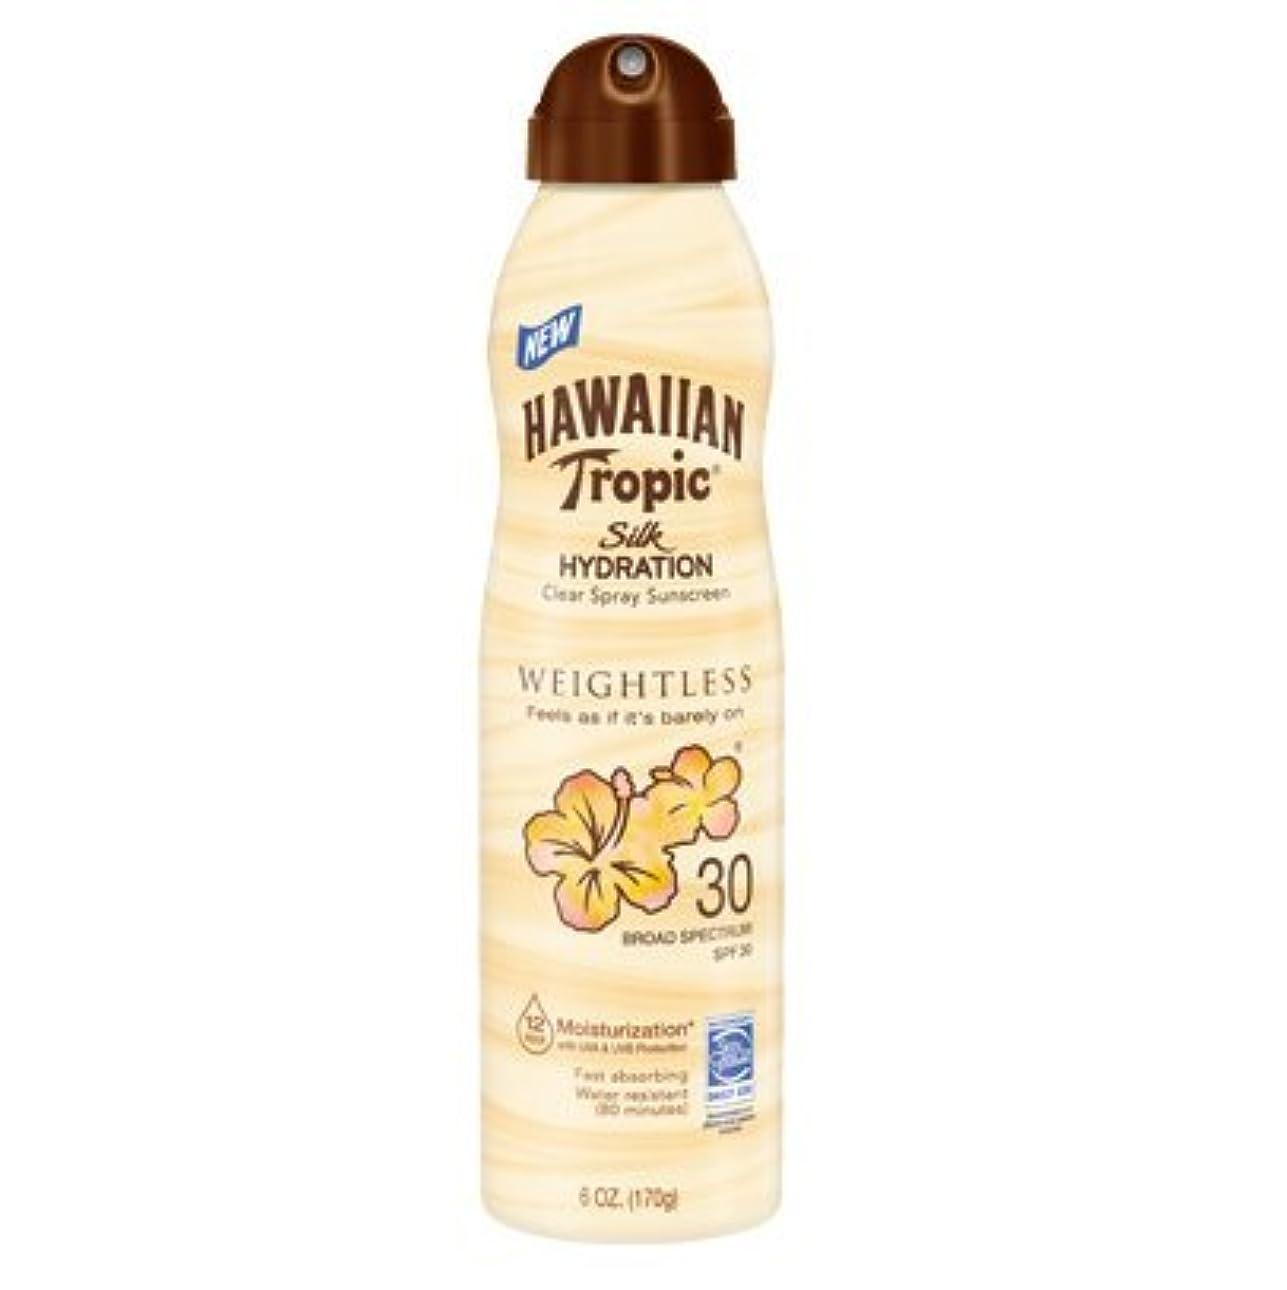 ハンドブックトンコンパイル【海外直送】ハワイアントロピック 12時間持続 日焼け止めミスト SPF30 (177ml) Hawaiian Tropic Silk Hydration Clear Mist Spray Sunscreen SPF 30...